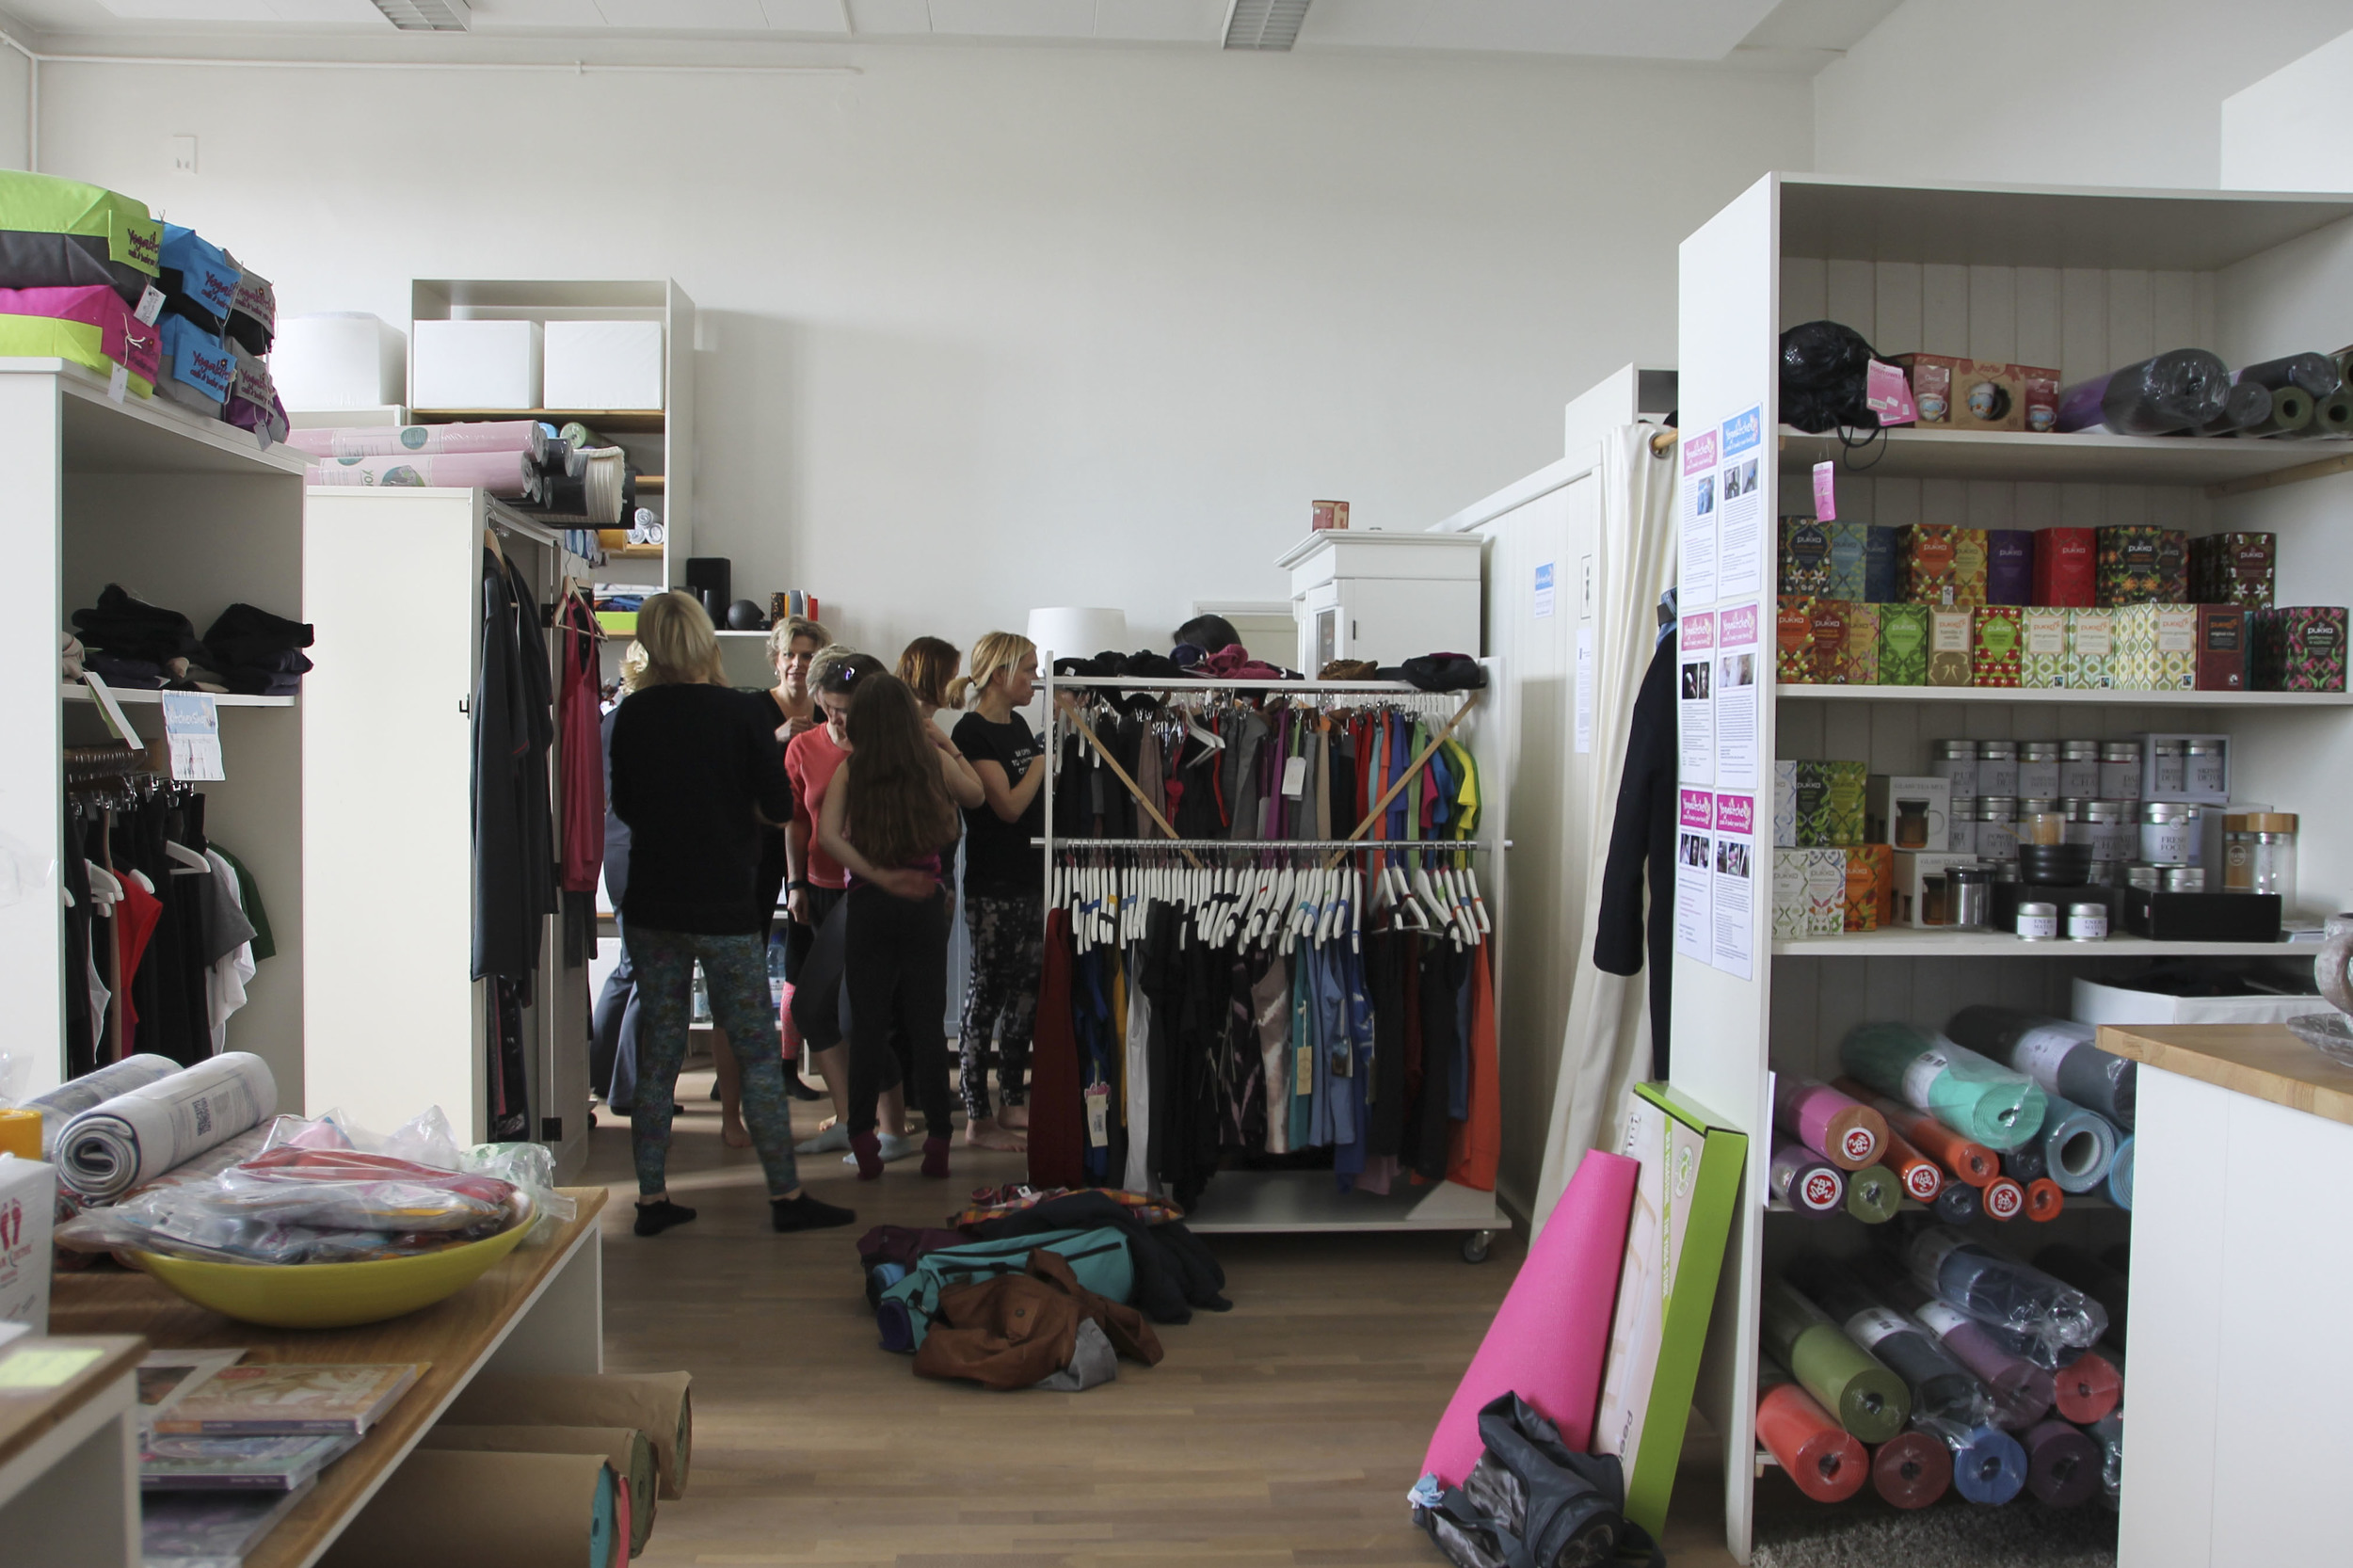 Yogakitchen Yoga Studio Oberkassel Düsseldorf4209.jpg